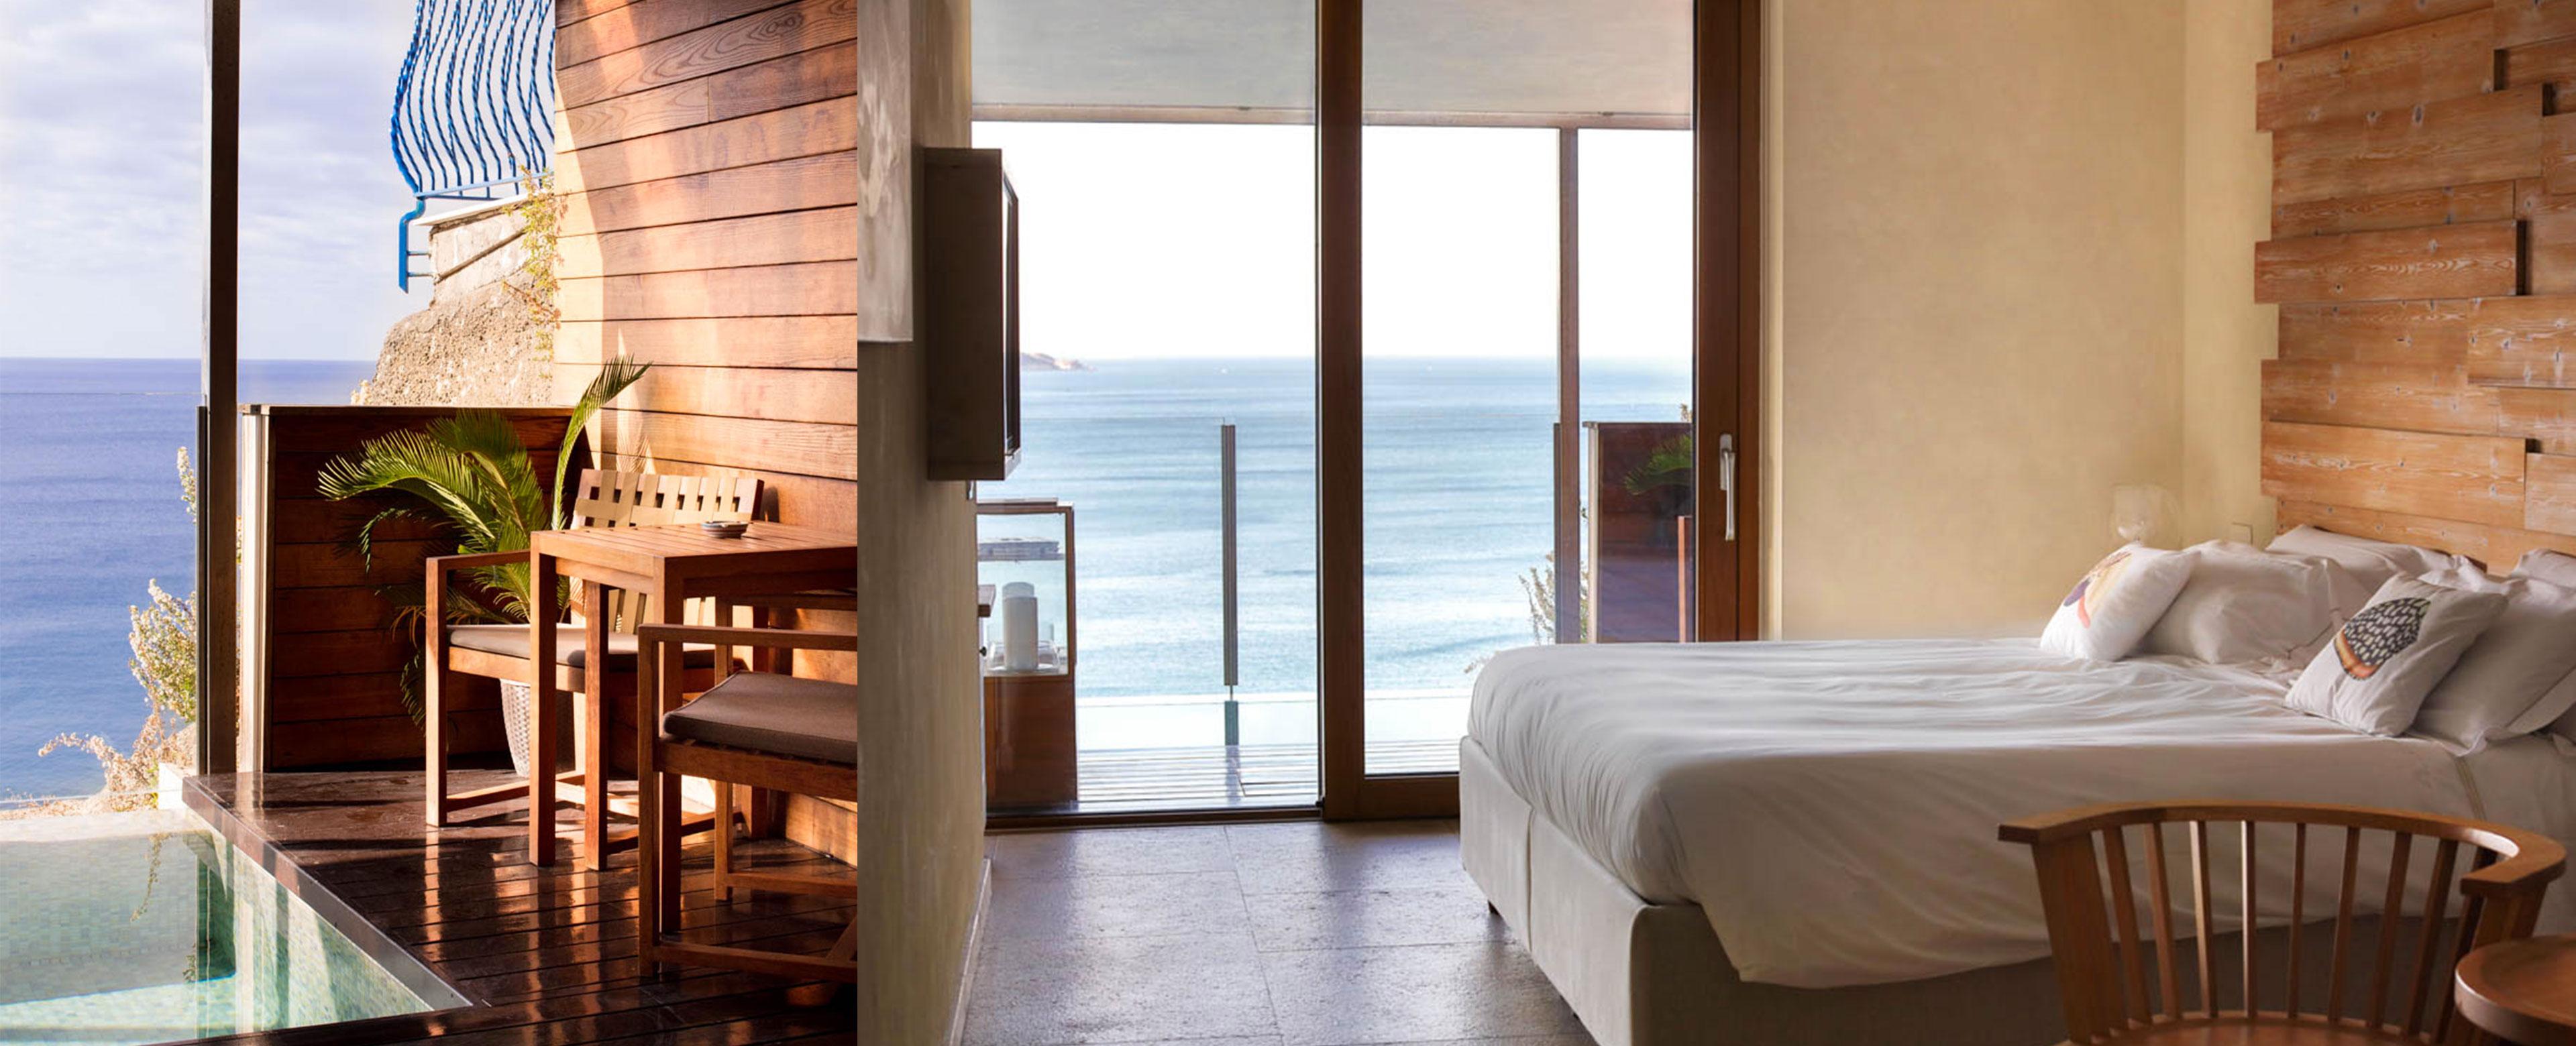 Antonino Cannavacciuolo Laqua Resort